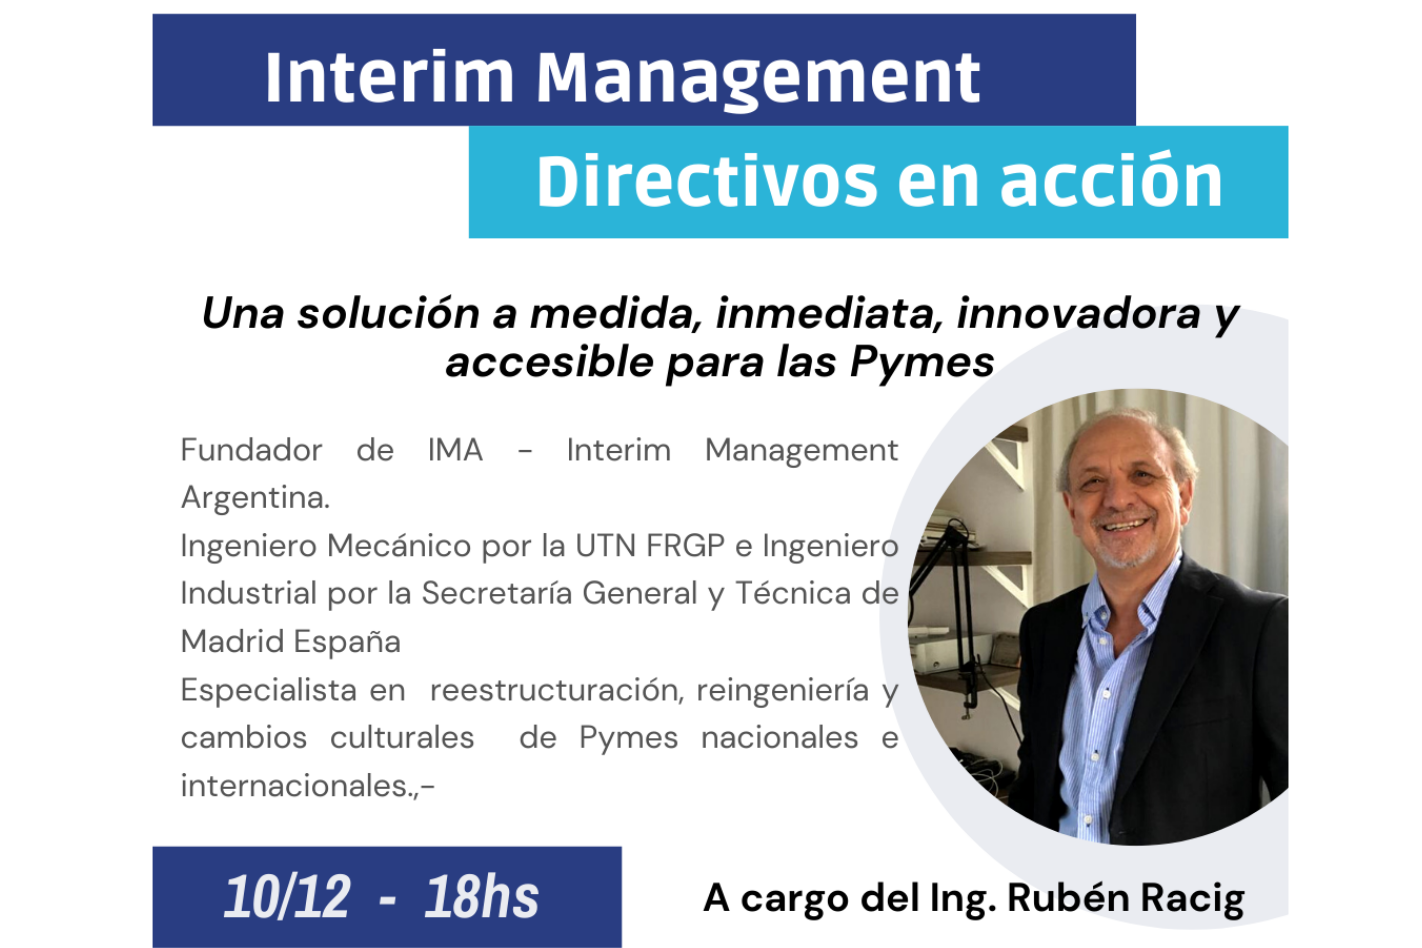 Webinar: Interim Management: Directivos en acción